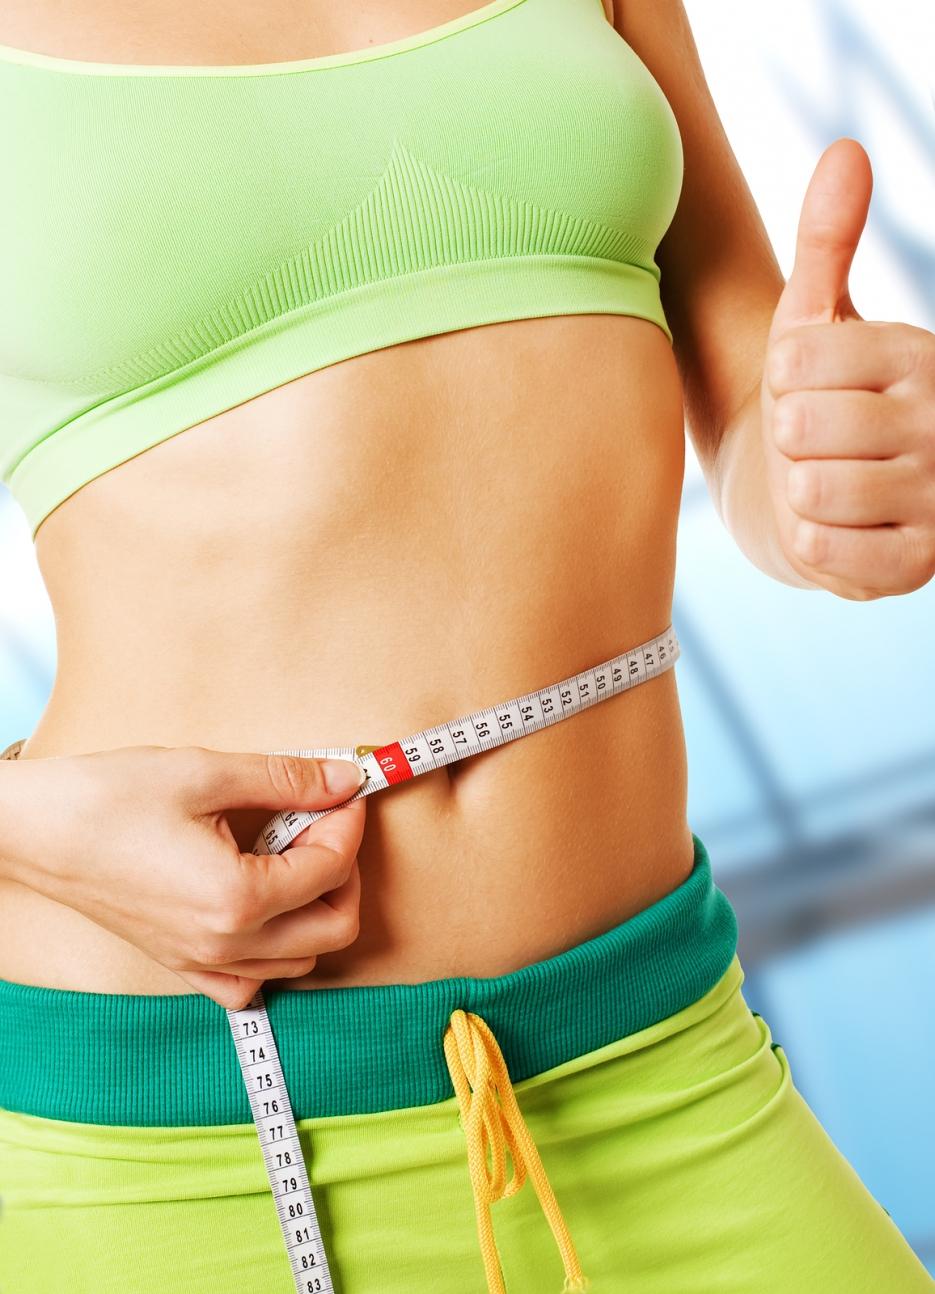 5 привычек, которые помогут похудеть за неделю